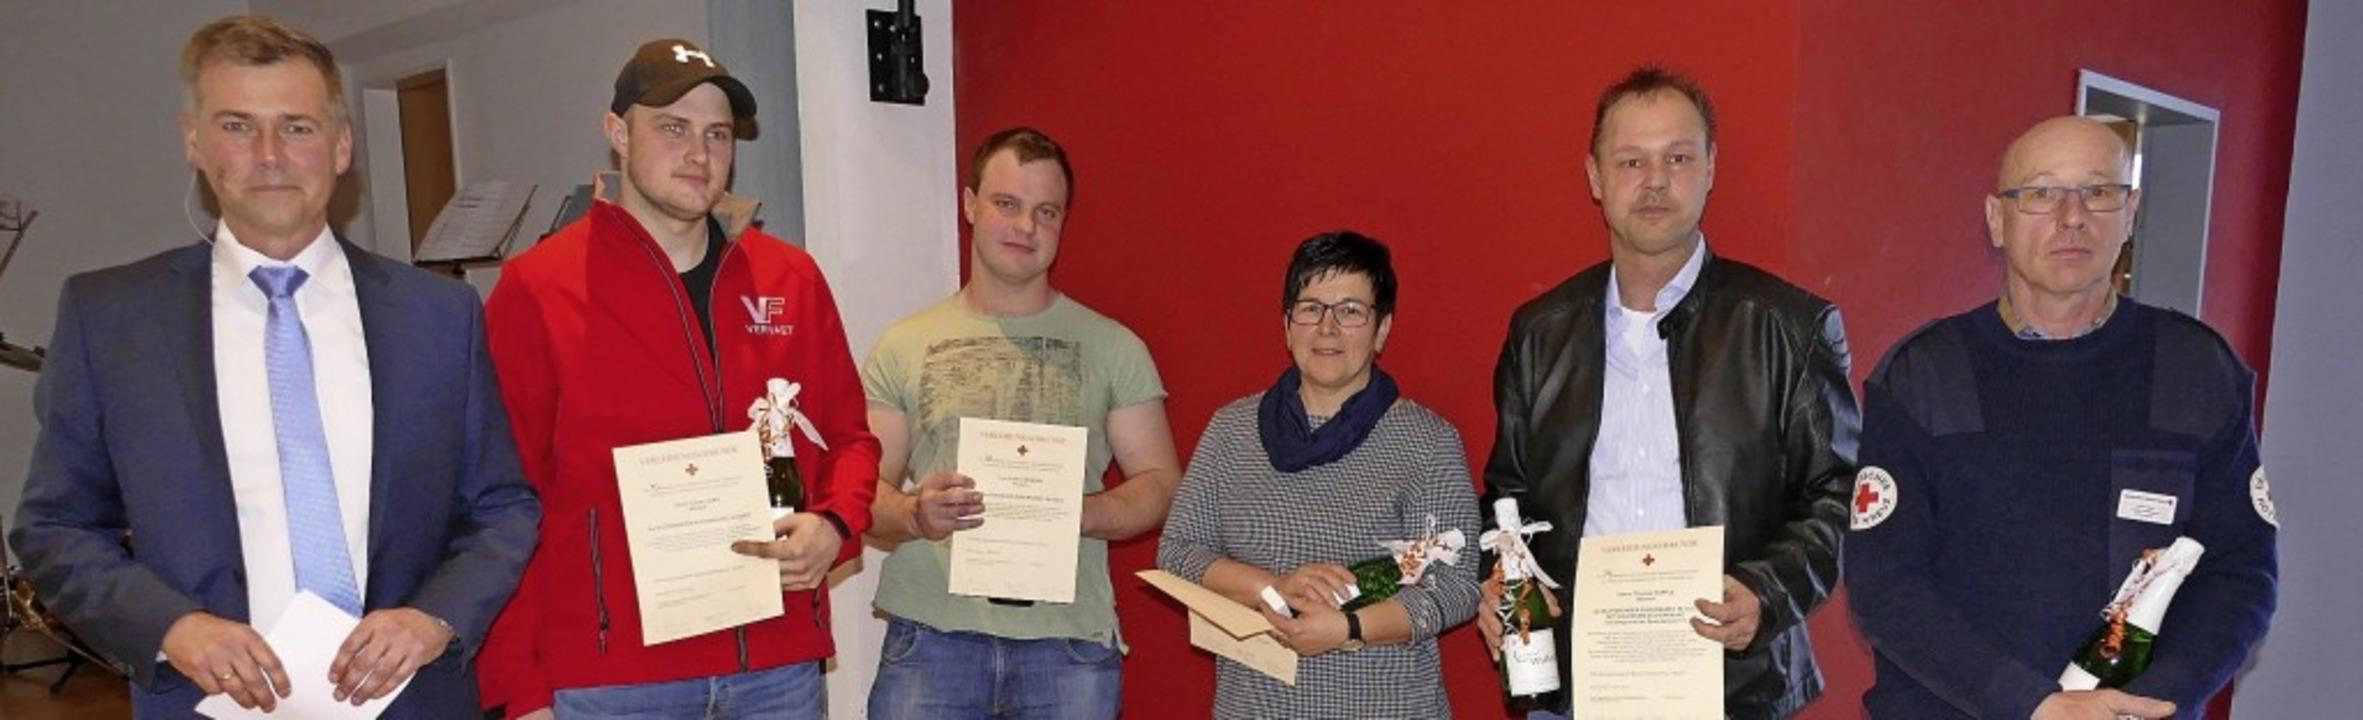 Bürgermeister Christian Mauch (links) ...dem Bild fehlt Horst Roland Schäuble.   | Foto: Juliane Kühnemund